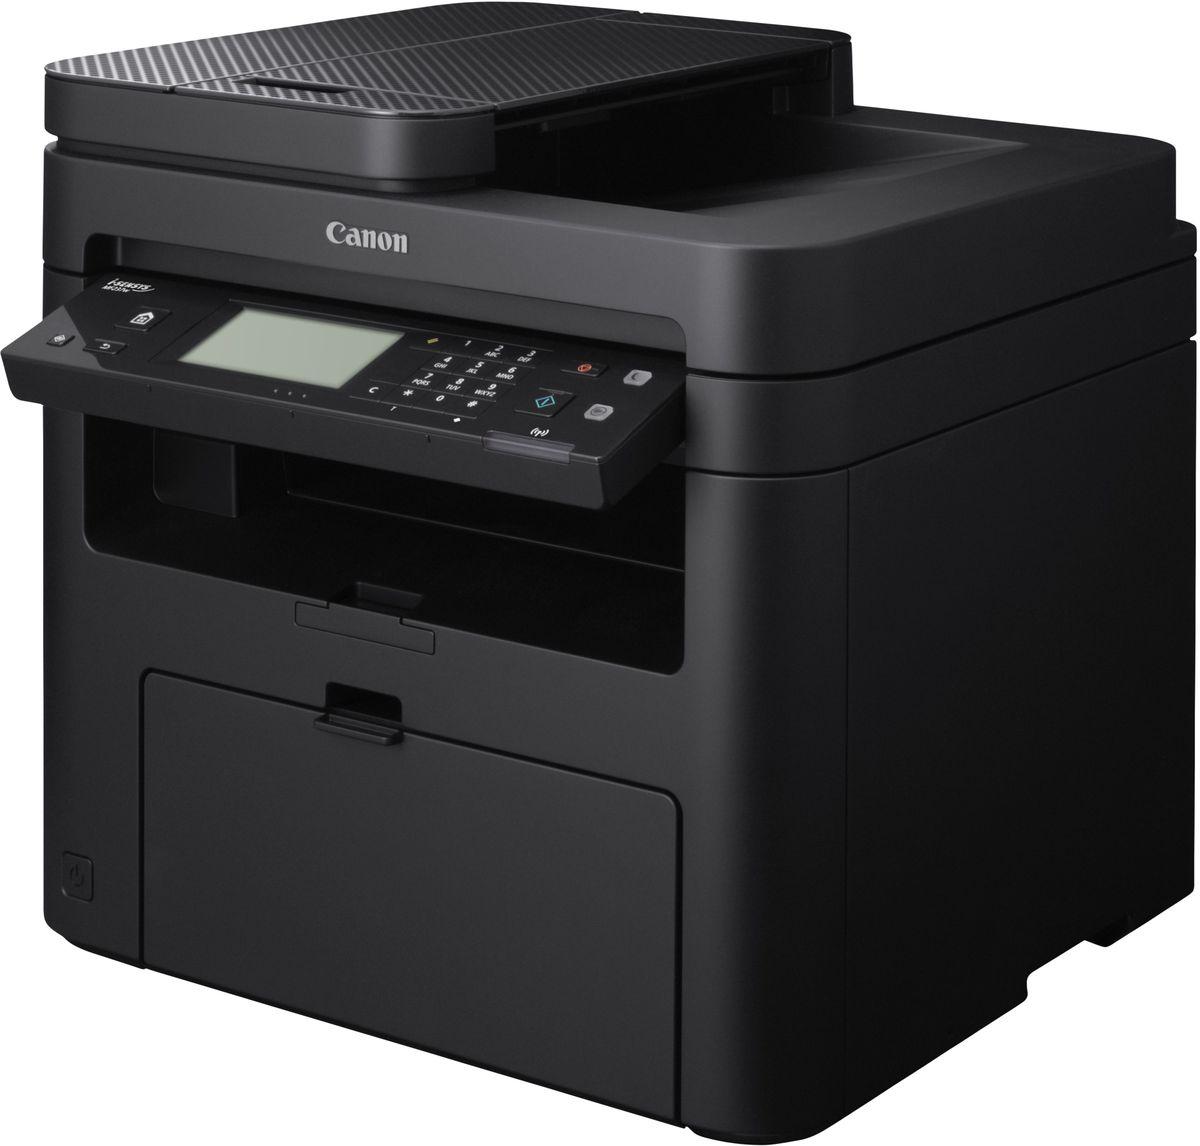 Canon i-SENSYS MF237w МФУ1418C121Монохромный лазерный принтер Canon I-SENSYS MF237w с широкими возможностями подключения для небольших офисов.Высокая скорость и безупречное качество монохромной печати, сенсорный дисплей и функции печати, сканирования и факса делают принтер идеальным решением для небольшого предприятия или домашнего офиса.Удаленный пользовательский интерфейс (RUI) позволяет получать доступ к информации принтера, менять настройки сети, настраивать адресные книги и проверять уровень тонера.Эко-отчеты позволяют отслеживать использование и состояние устройства, а функция автоматического отключения и энергосберегающие режимы помогают свести к минимуму углеродный след.Поддержка Mopria, Apple AirPrint, Google Cloud Print и приложения Canon PRINT Business позволяет печатать документы со смартфонов, планшетов, ноутбуков и настольных компьютеров.Технология Canon Quick-First Print позволяет устройству быстро начать работу после выхода из спящего режима, а скорость печати 23 стр/ мин обеспечивает высокую производительность работы.Картриджи Все в одном Canon гарантируют превосходное качество монохромных документов и изображений. Неизменная надежность и качество благодаря легко заменяемым картриджам.Струйный или лазерный принтер: какой лучше? Статья OZON Гид